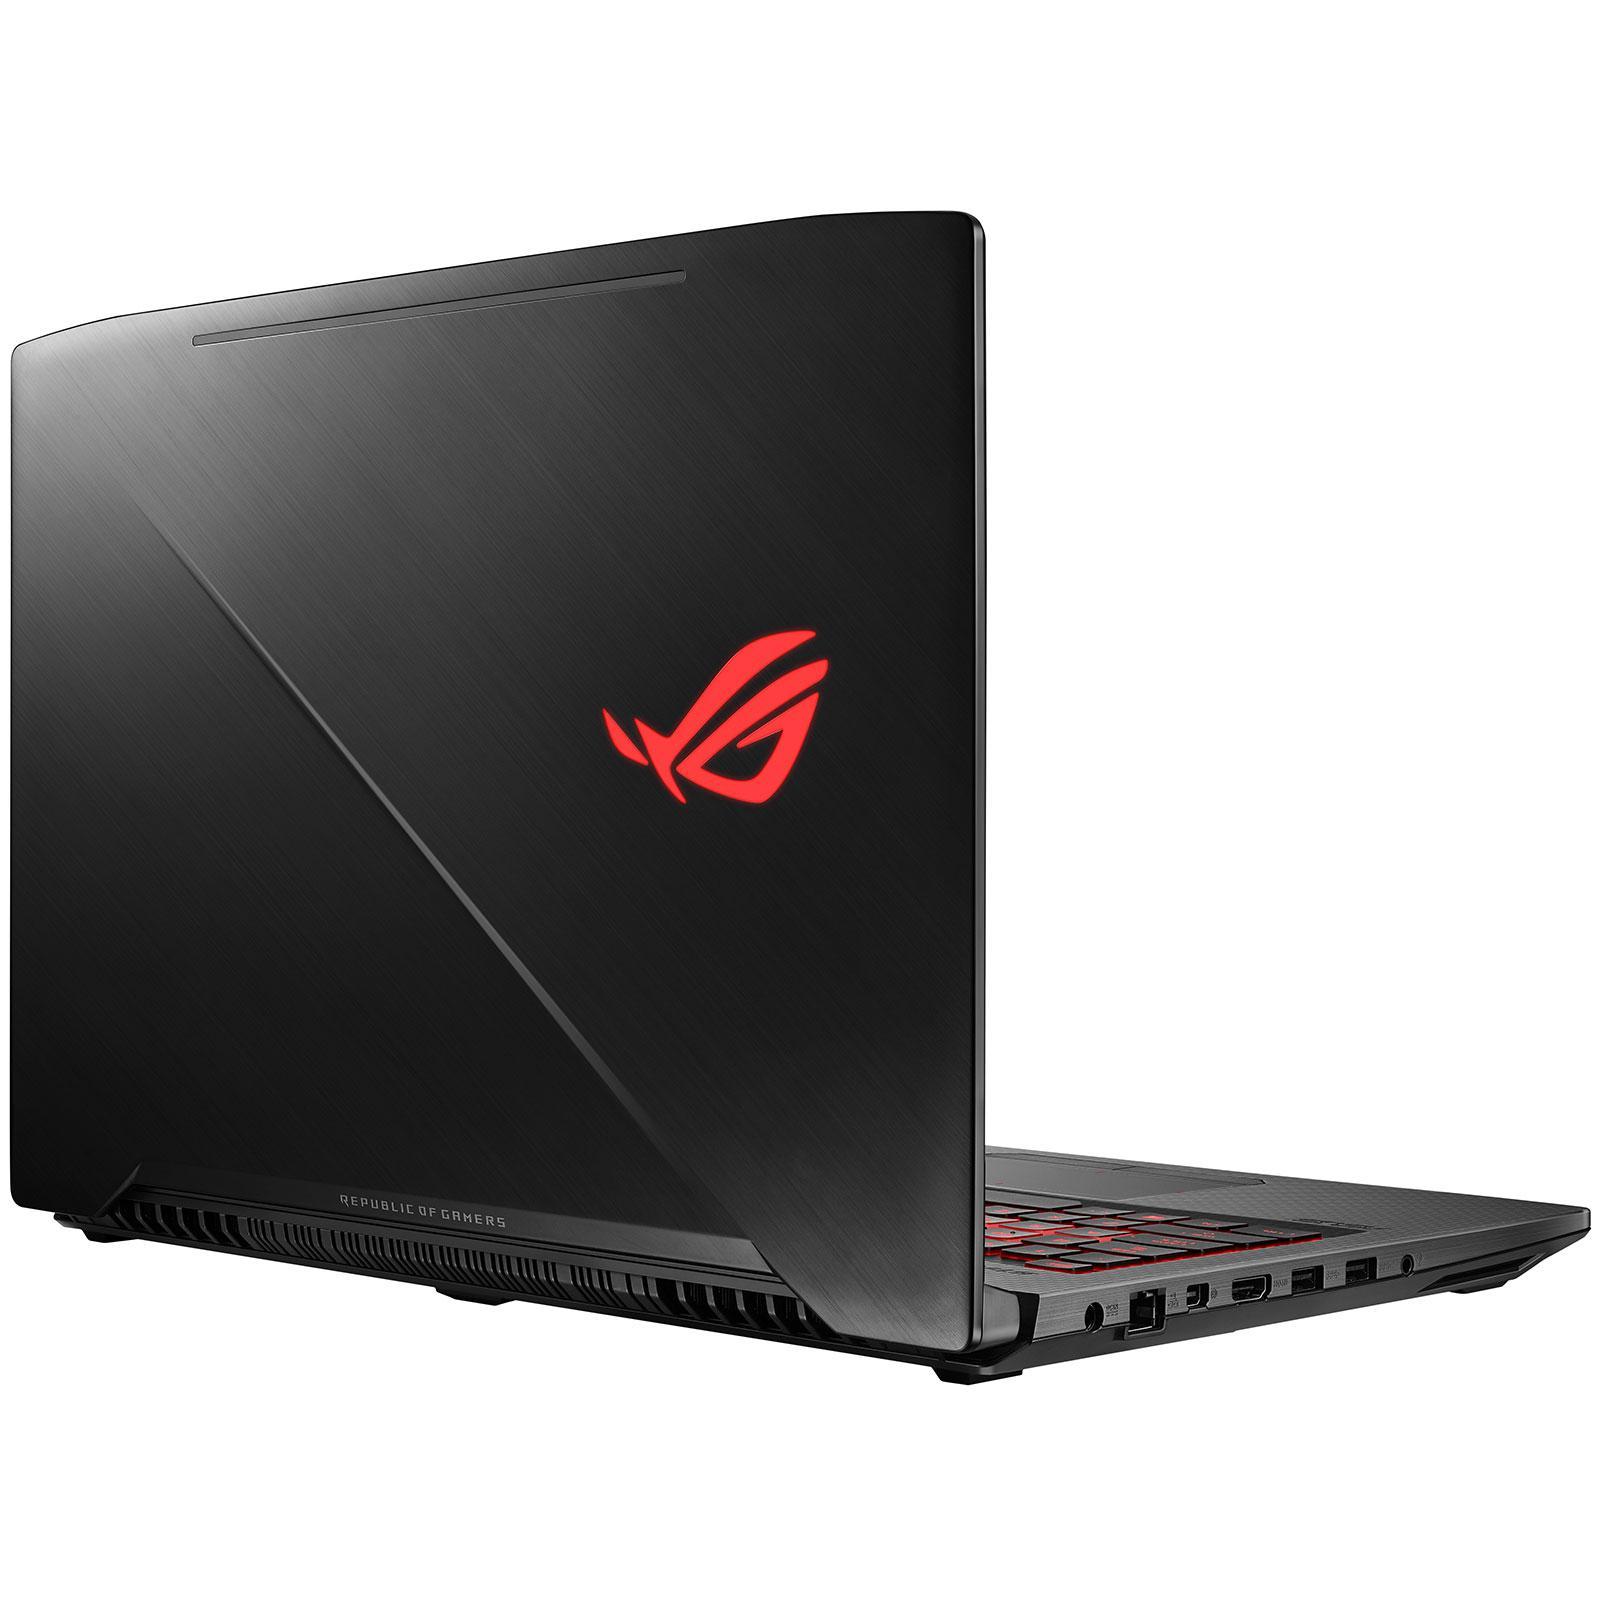 Asus Rog Strix Scar GL503VM-ED033T 15.6-inch - Core i7-7700HQ - 12GB 1256GB Nvidia GeForce Gtx 1060 AZERTY - French